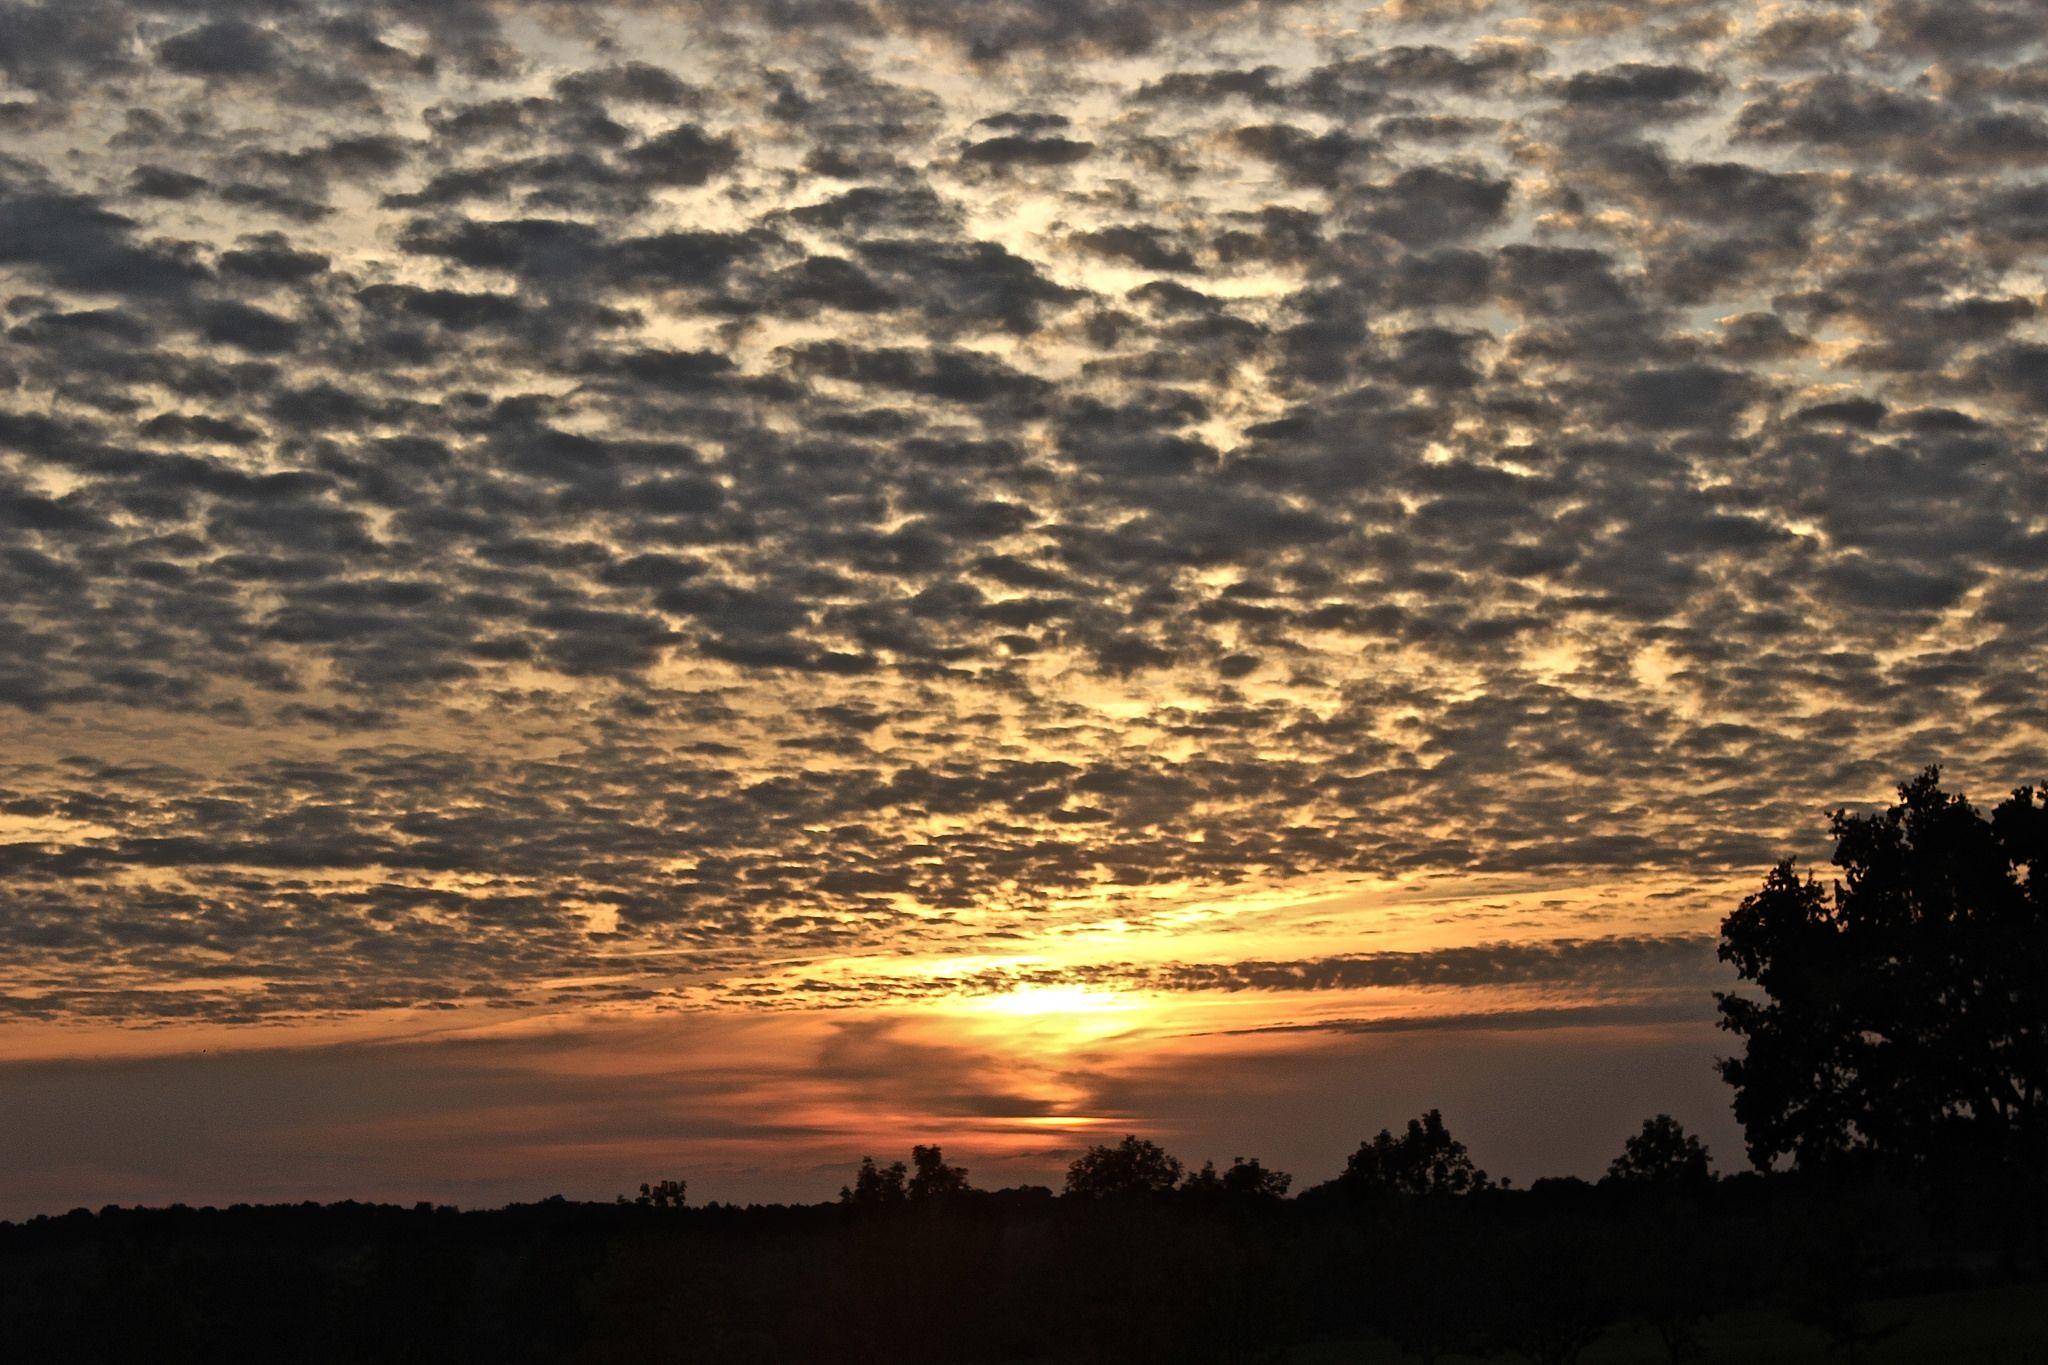 On Sunset Patio! Astrofarm, Confolens, France